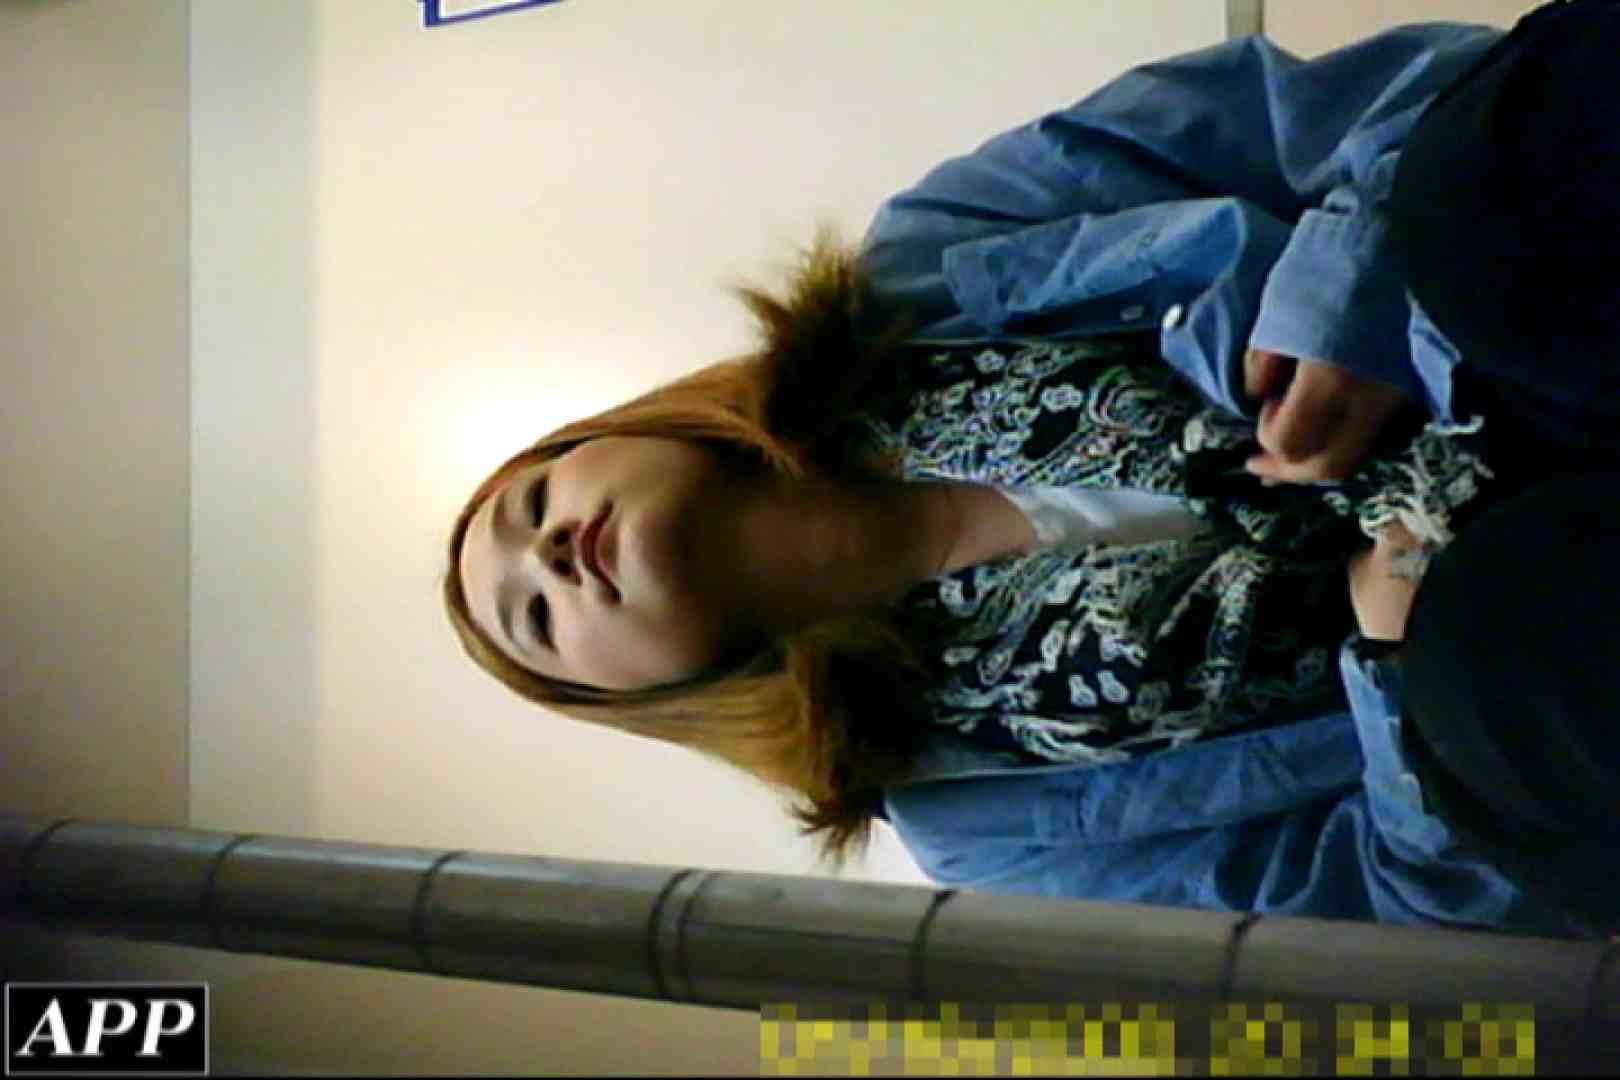 3視点洗面所 vol.122 オマンコ特別編 AV動画キャプチャ 102枚 51